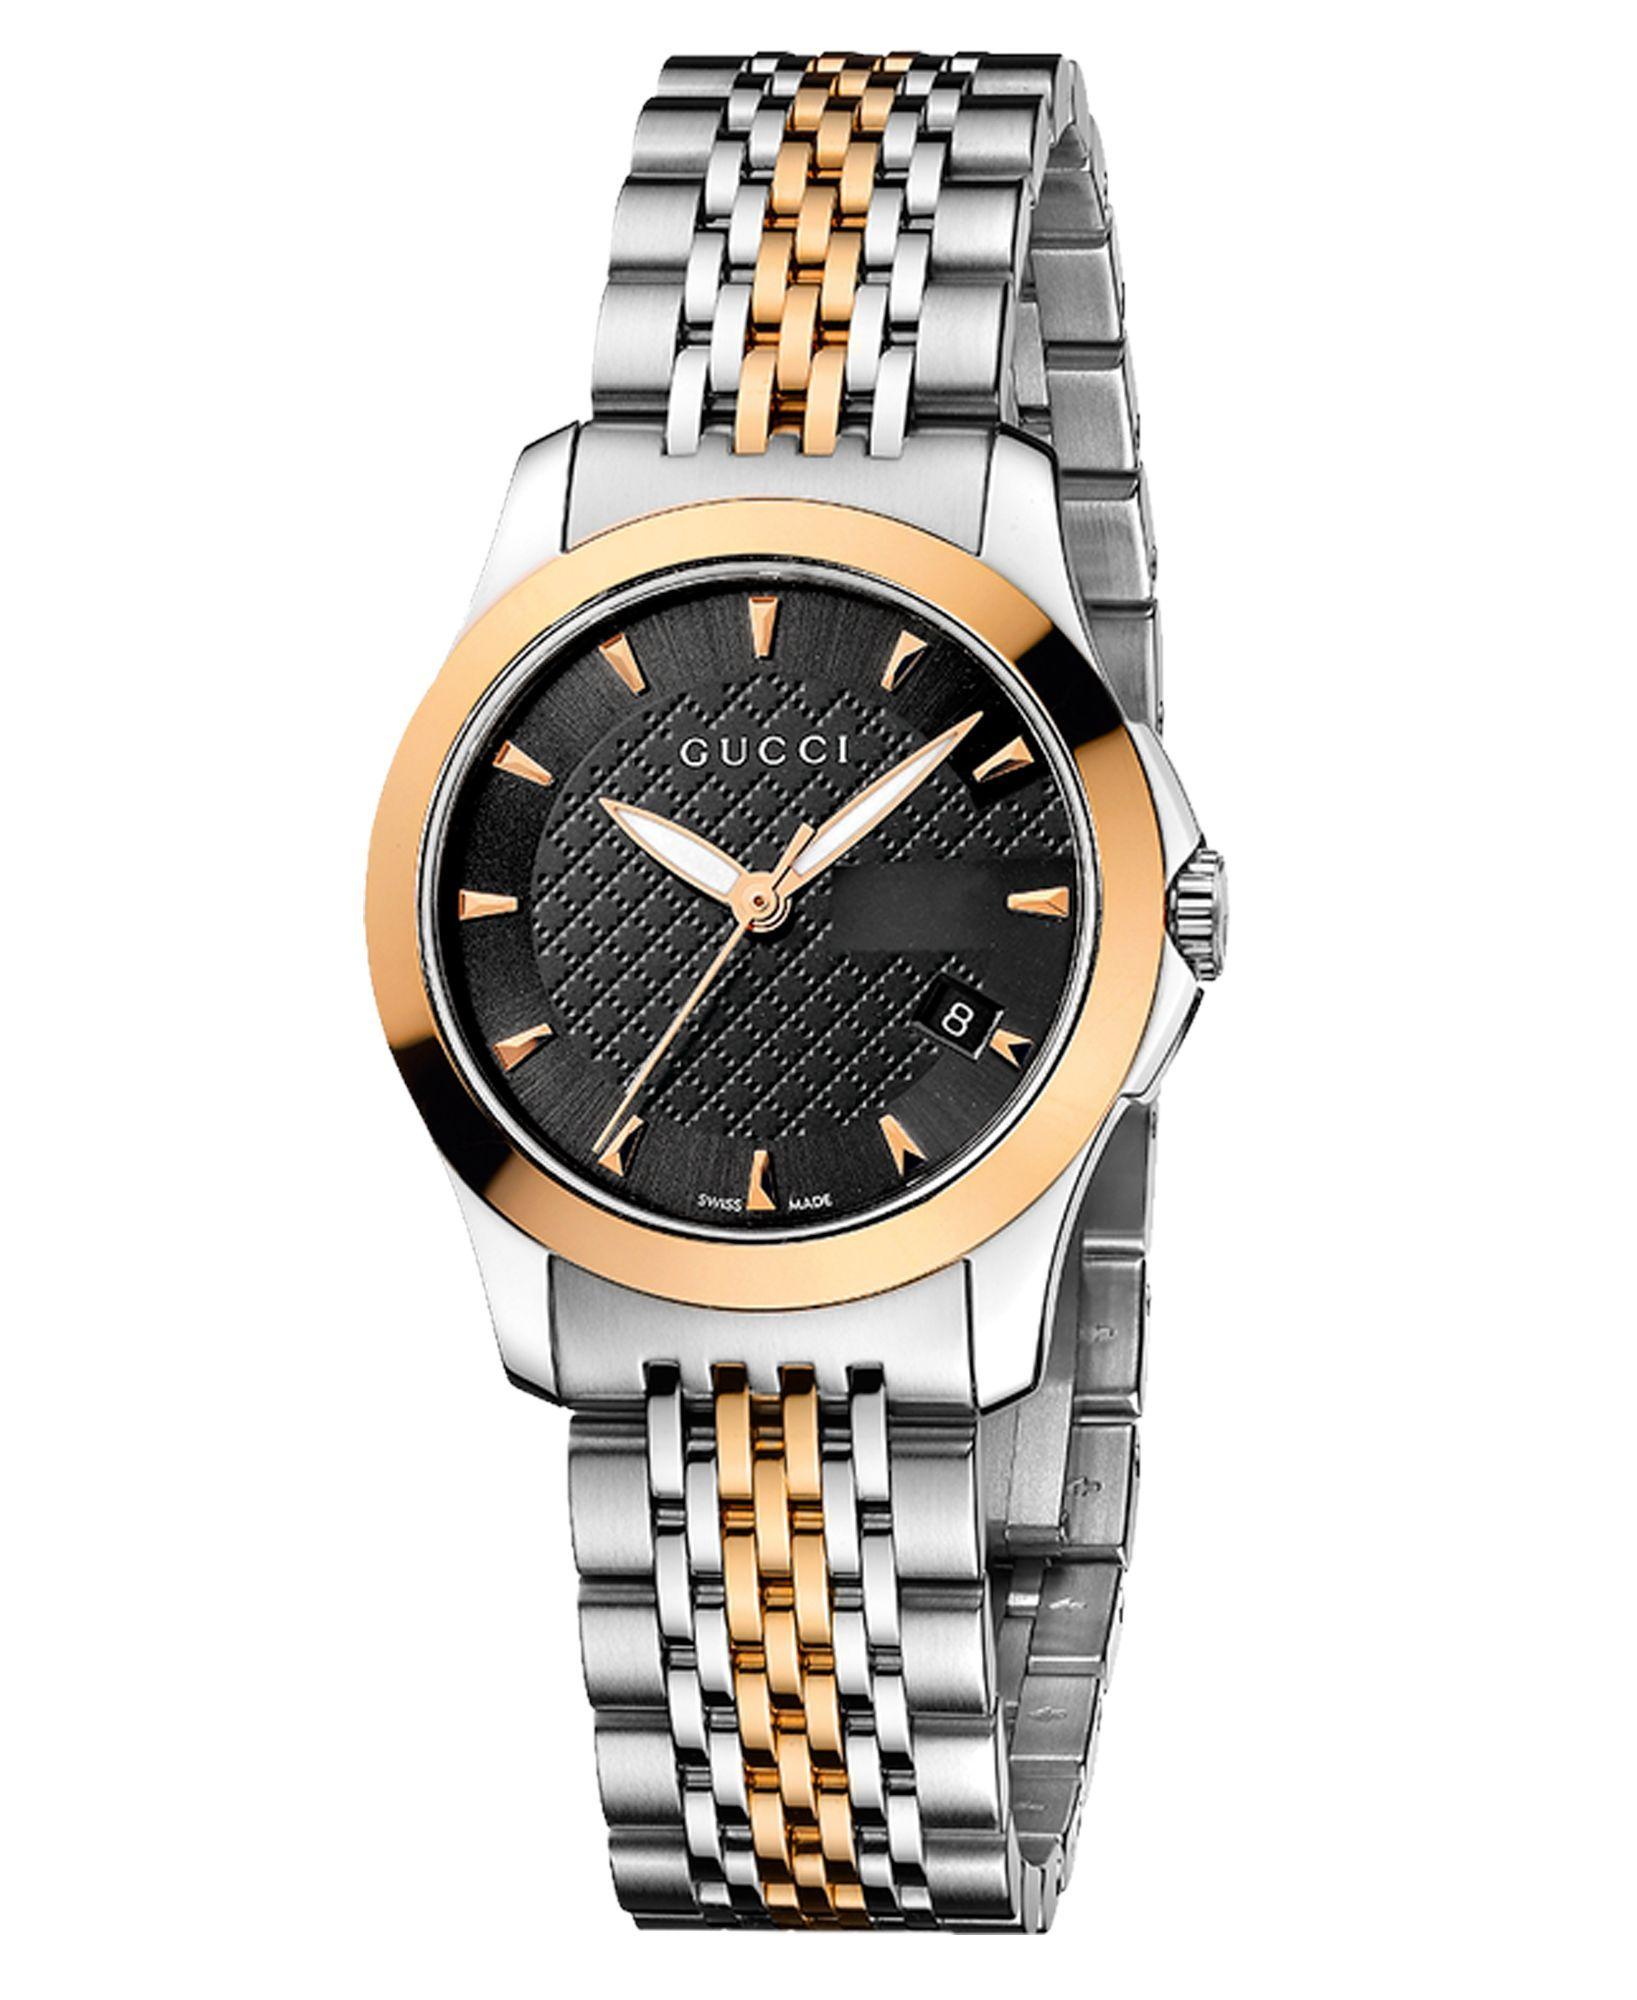 febf7a34865 Women s Swiss G-Timeless Two Tone Stainless Steel Bracelet Watch ...